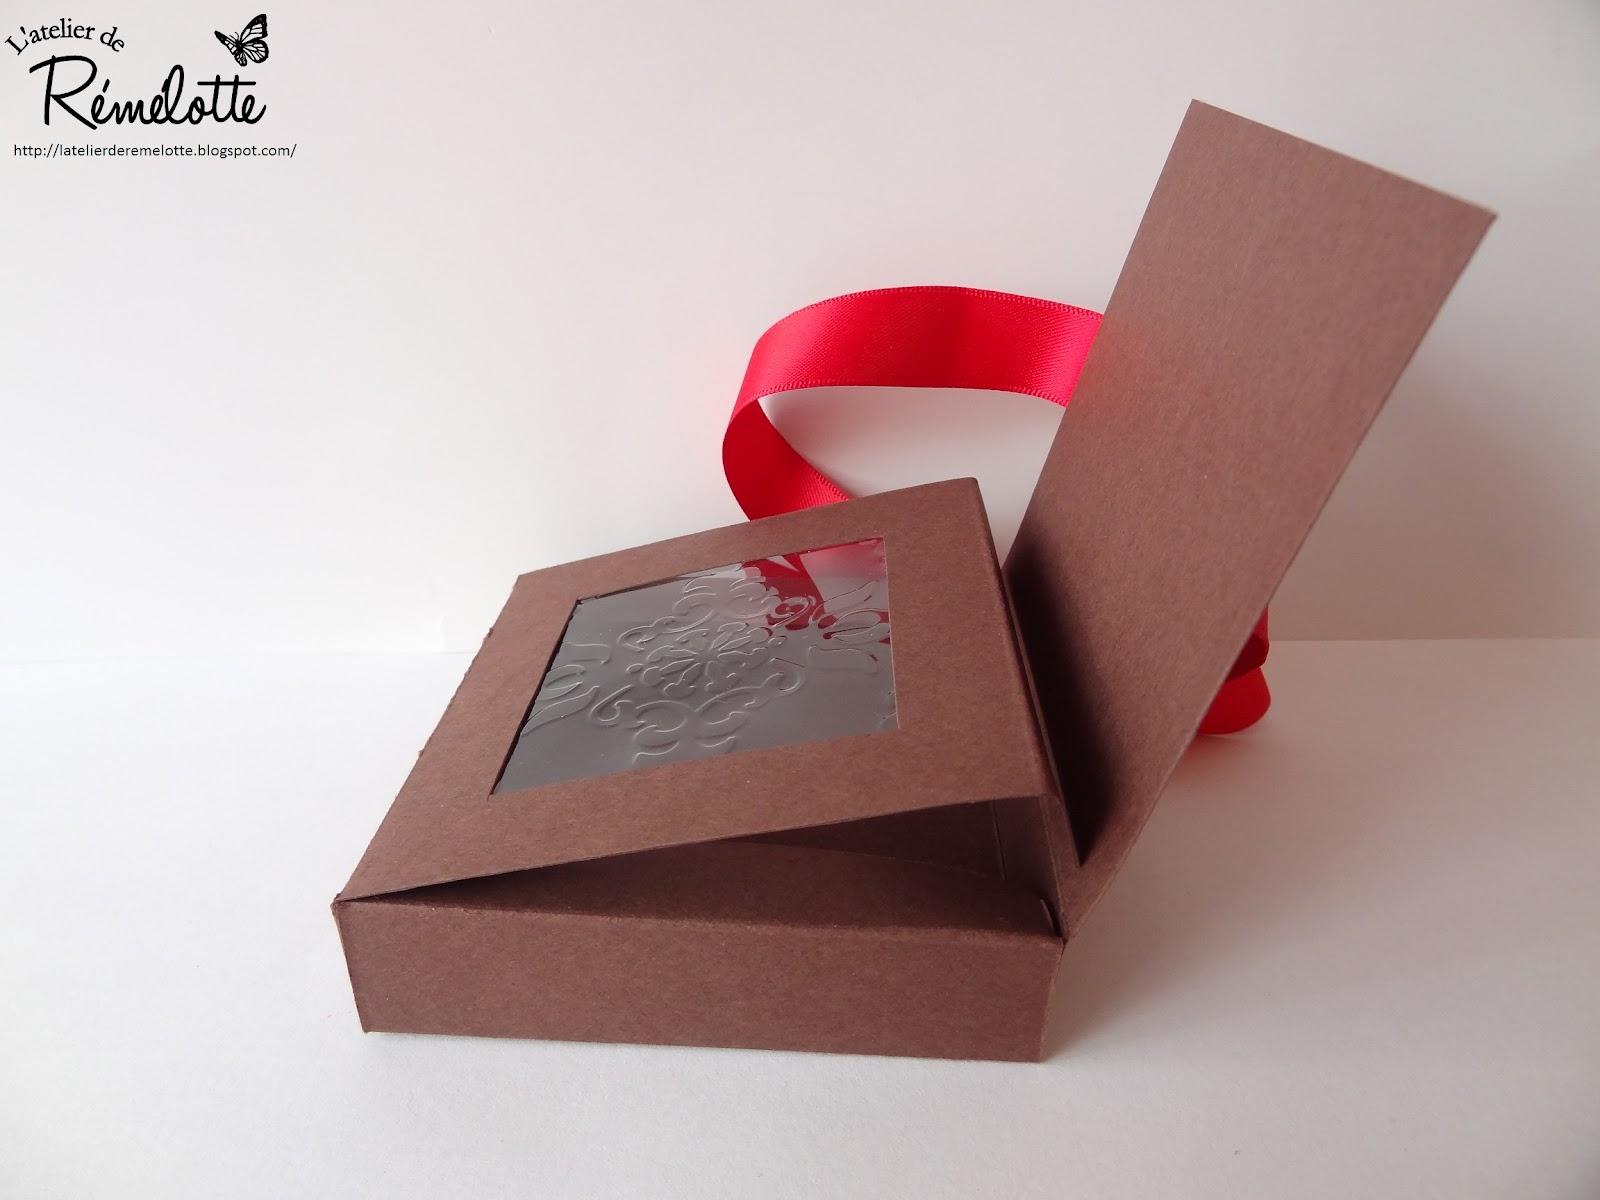 L'atelier de Rémélotte: Gabarit petite boite chocolats - photo#27